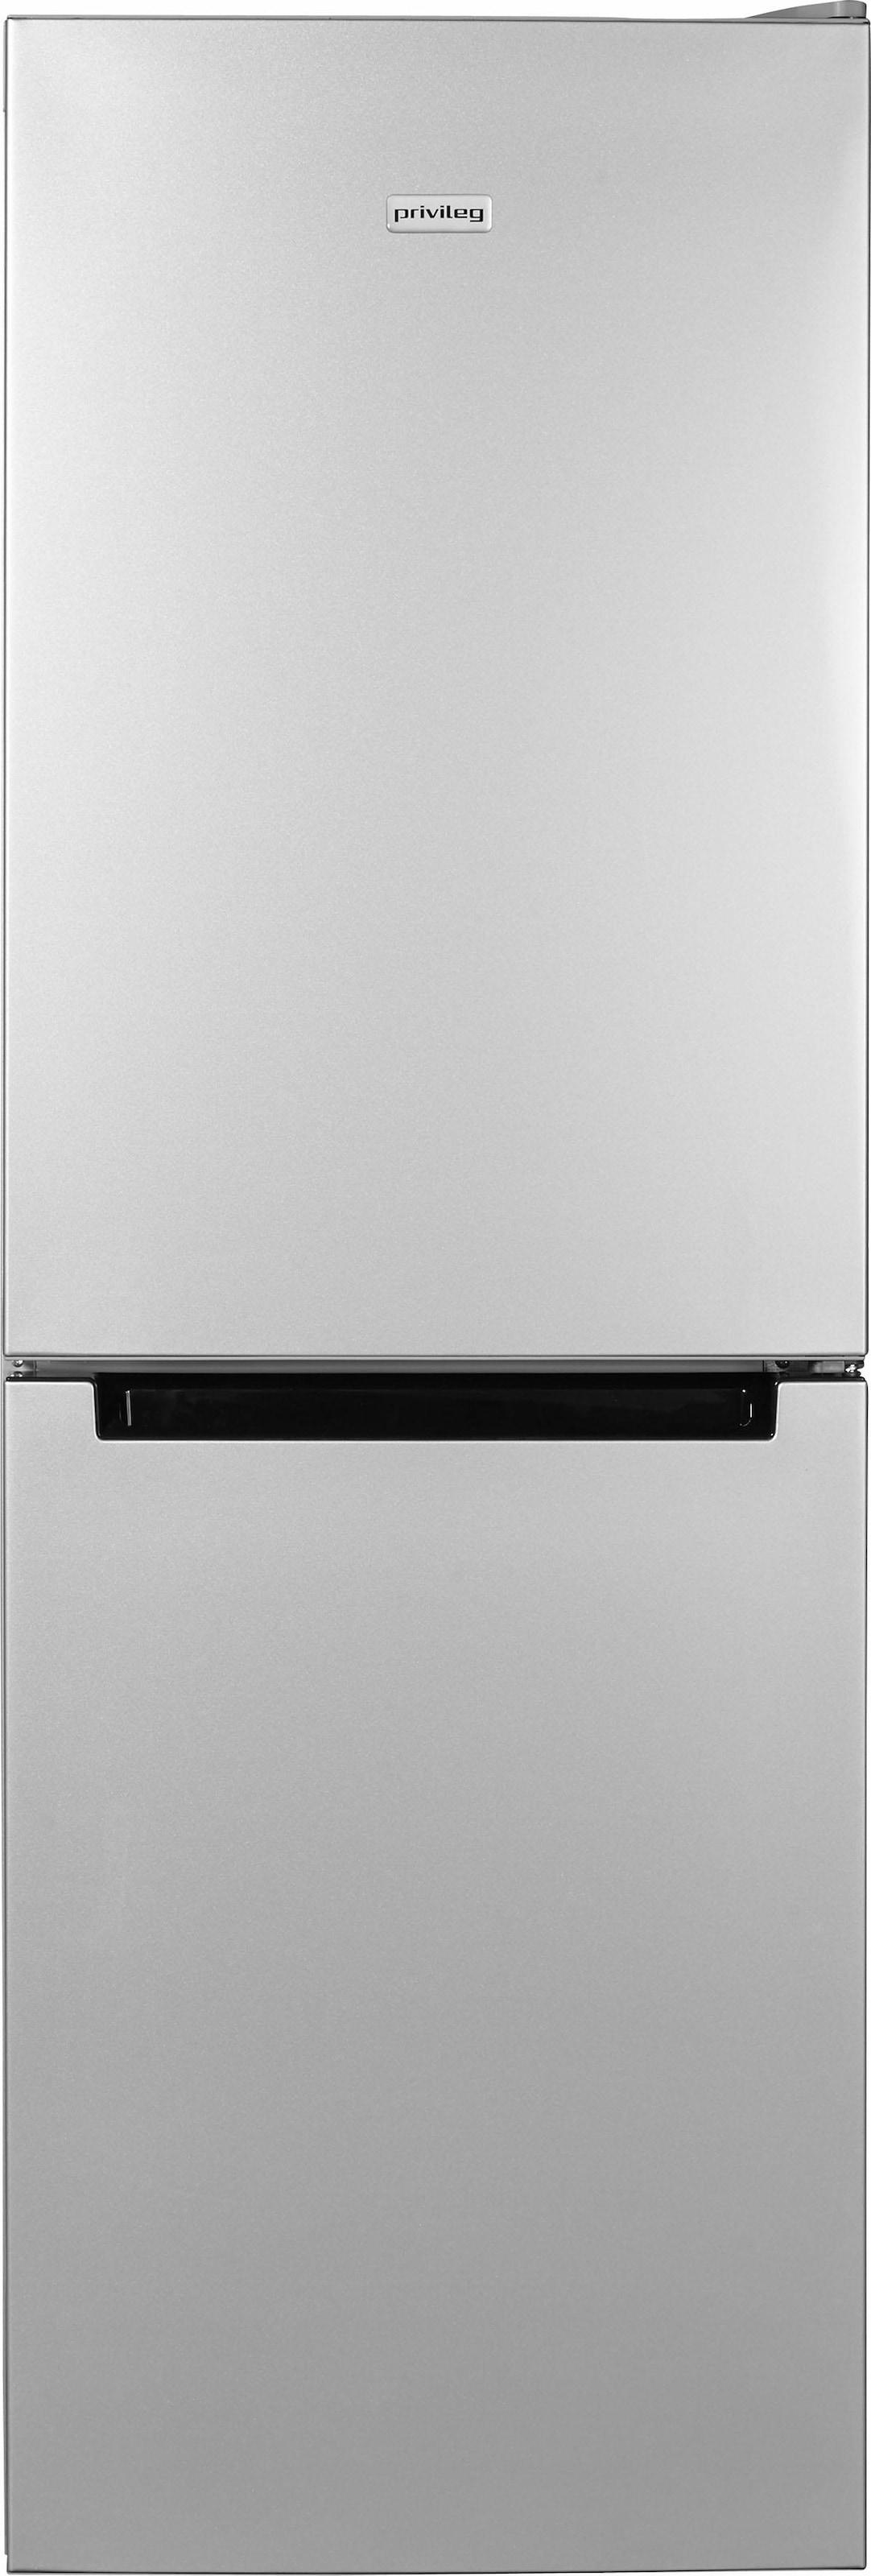 Kühlschrank Gefrierkombination : Kühl gefrierkombination online auf rechnung raten bestellen